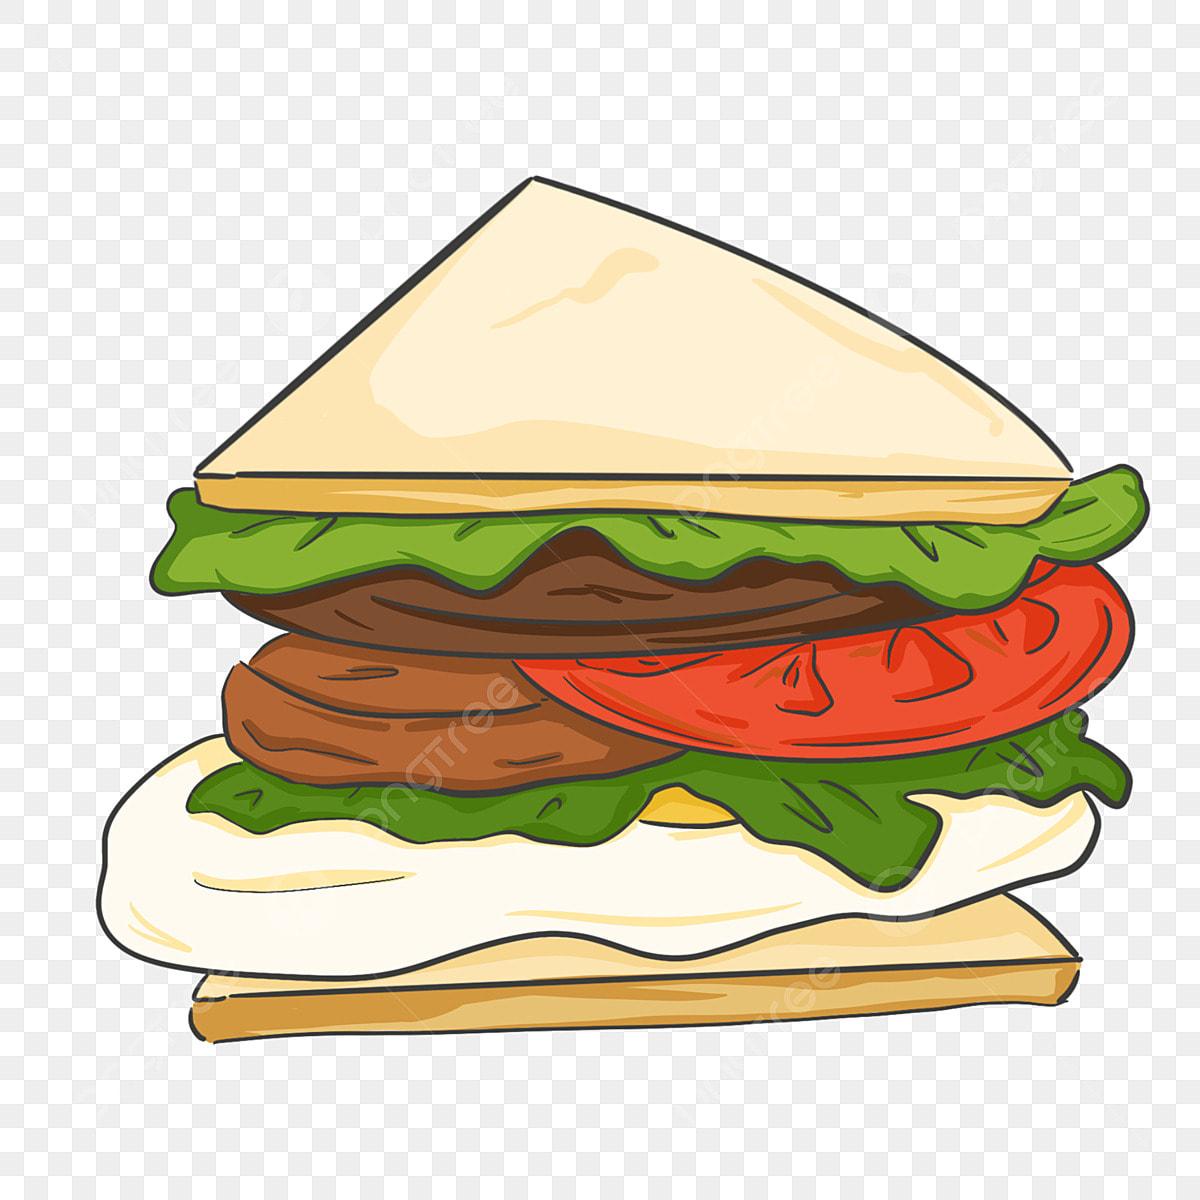 Delicious Sandwich Sandwich Delicious Meatloaf Png Transparent